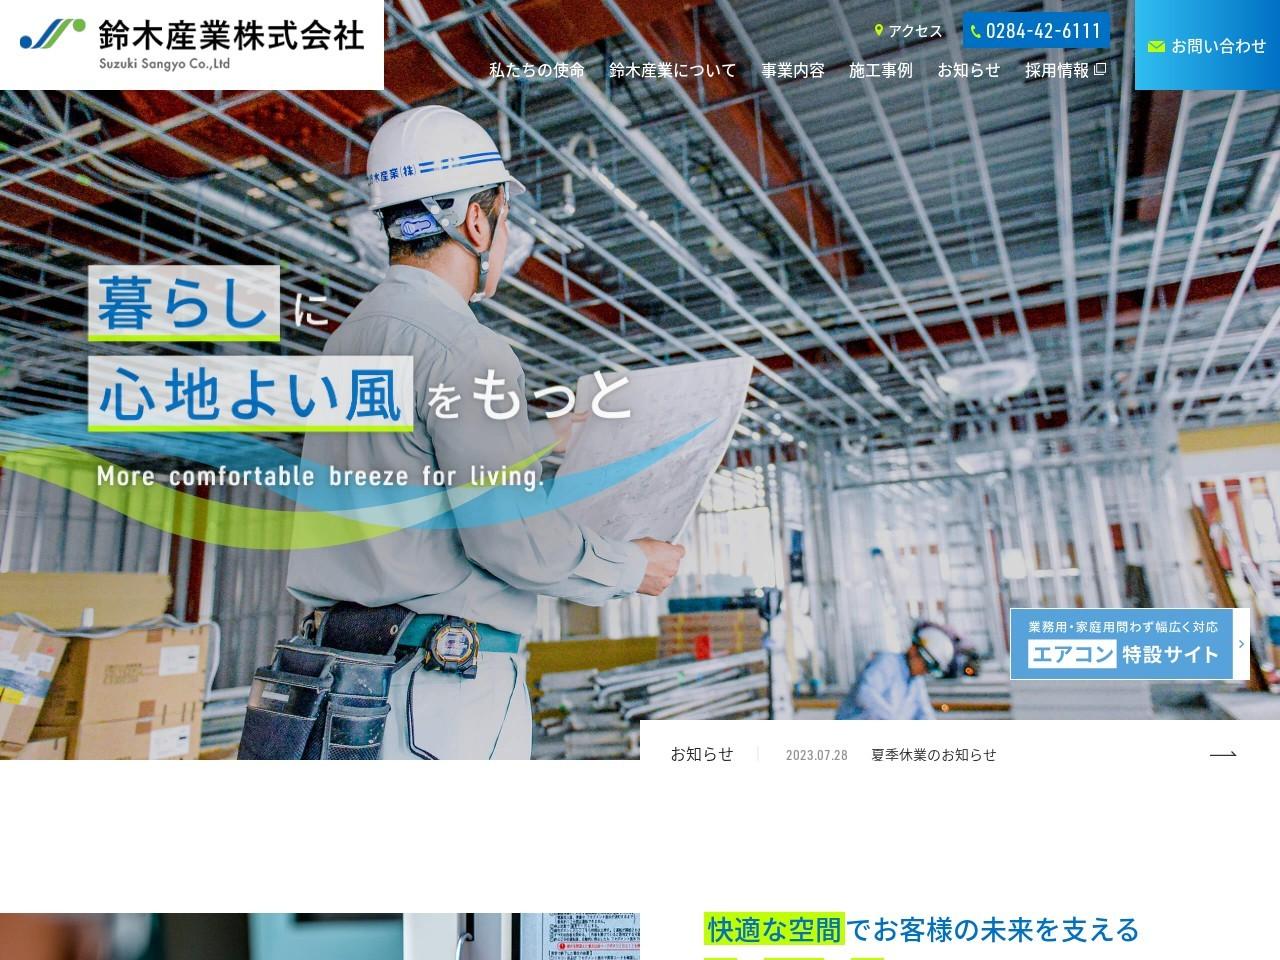 鈴木産業株式会社